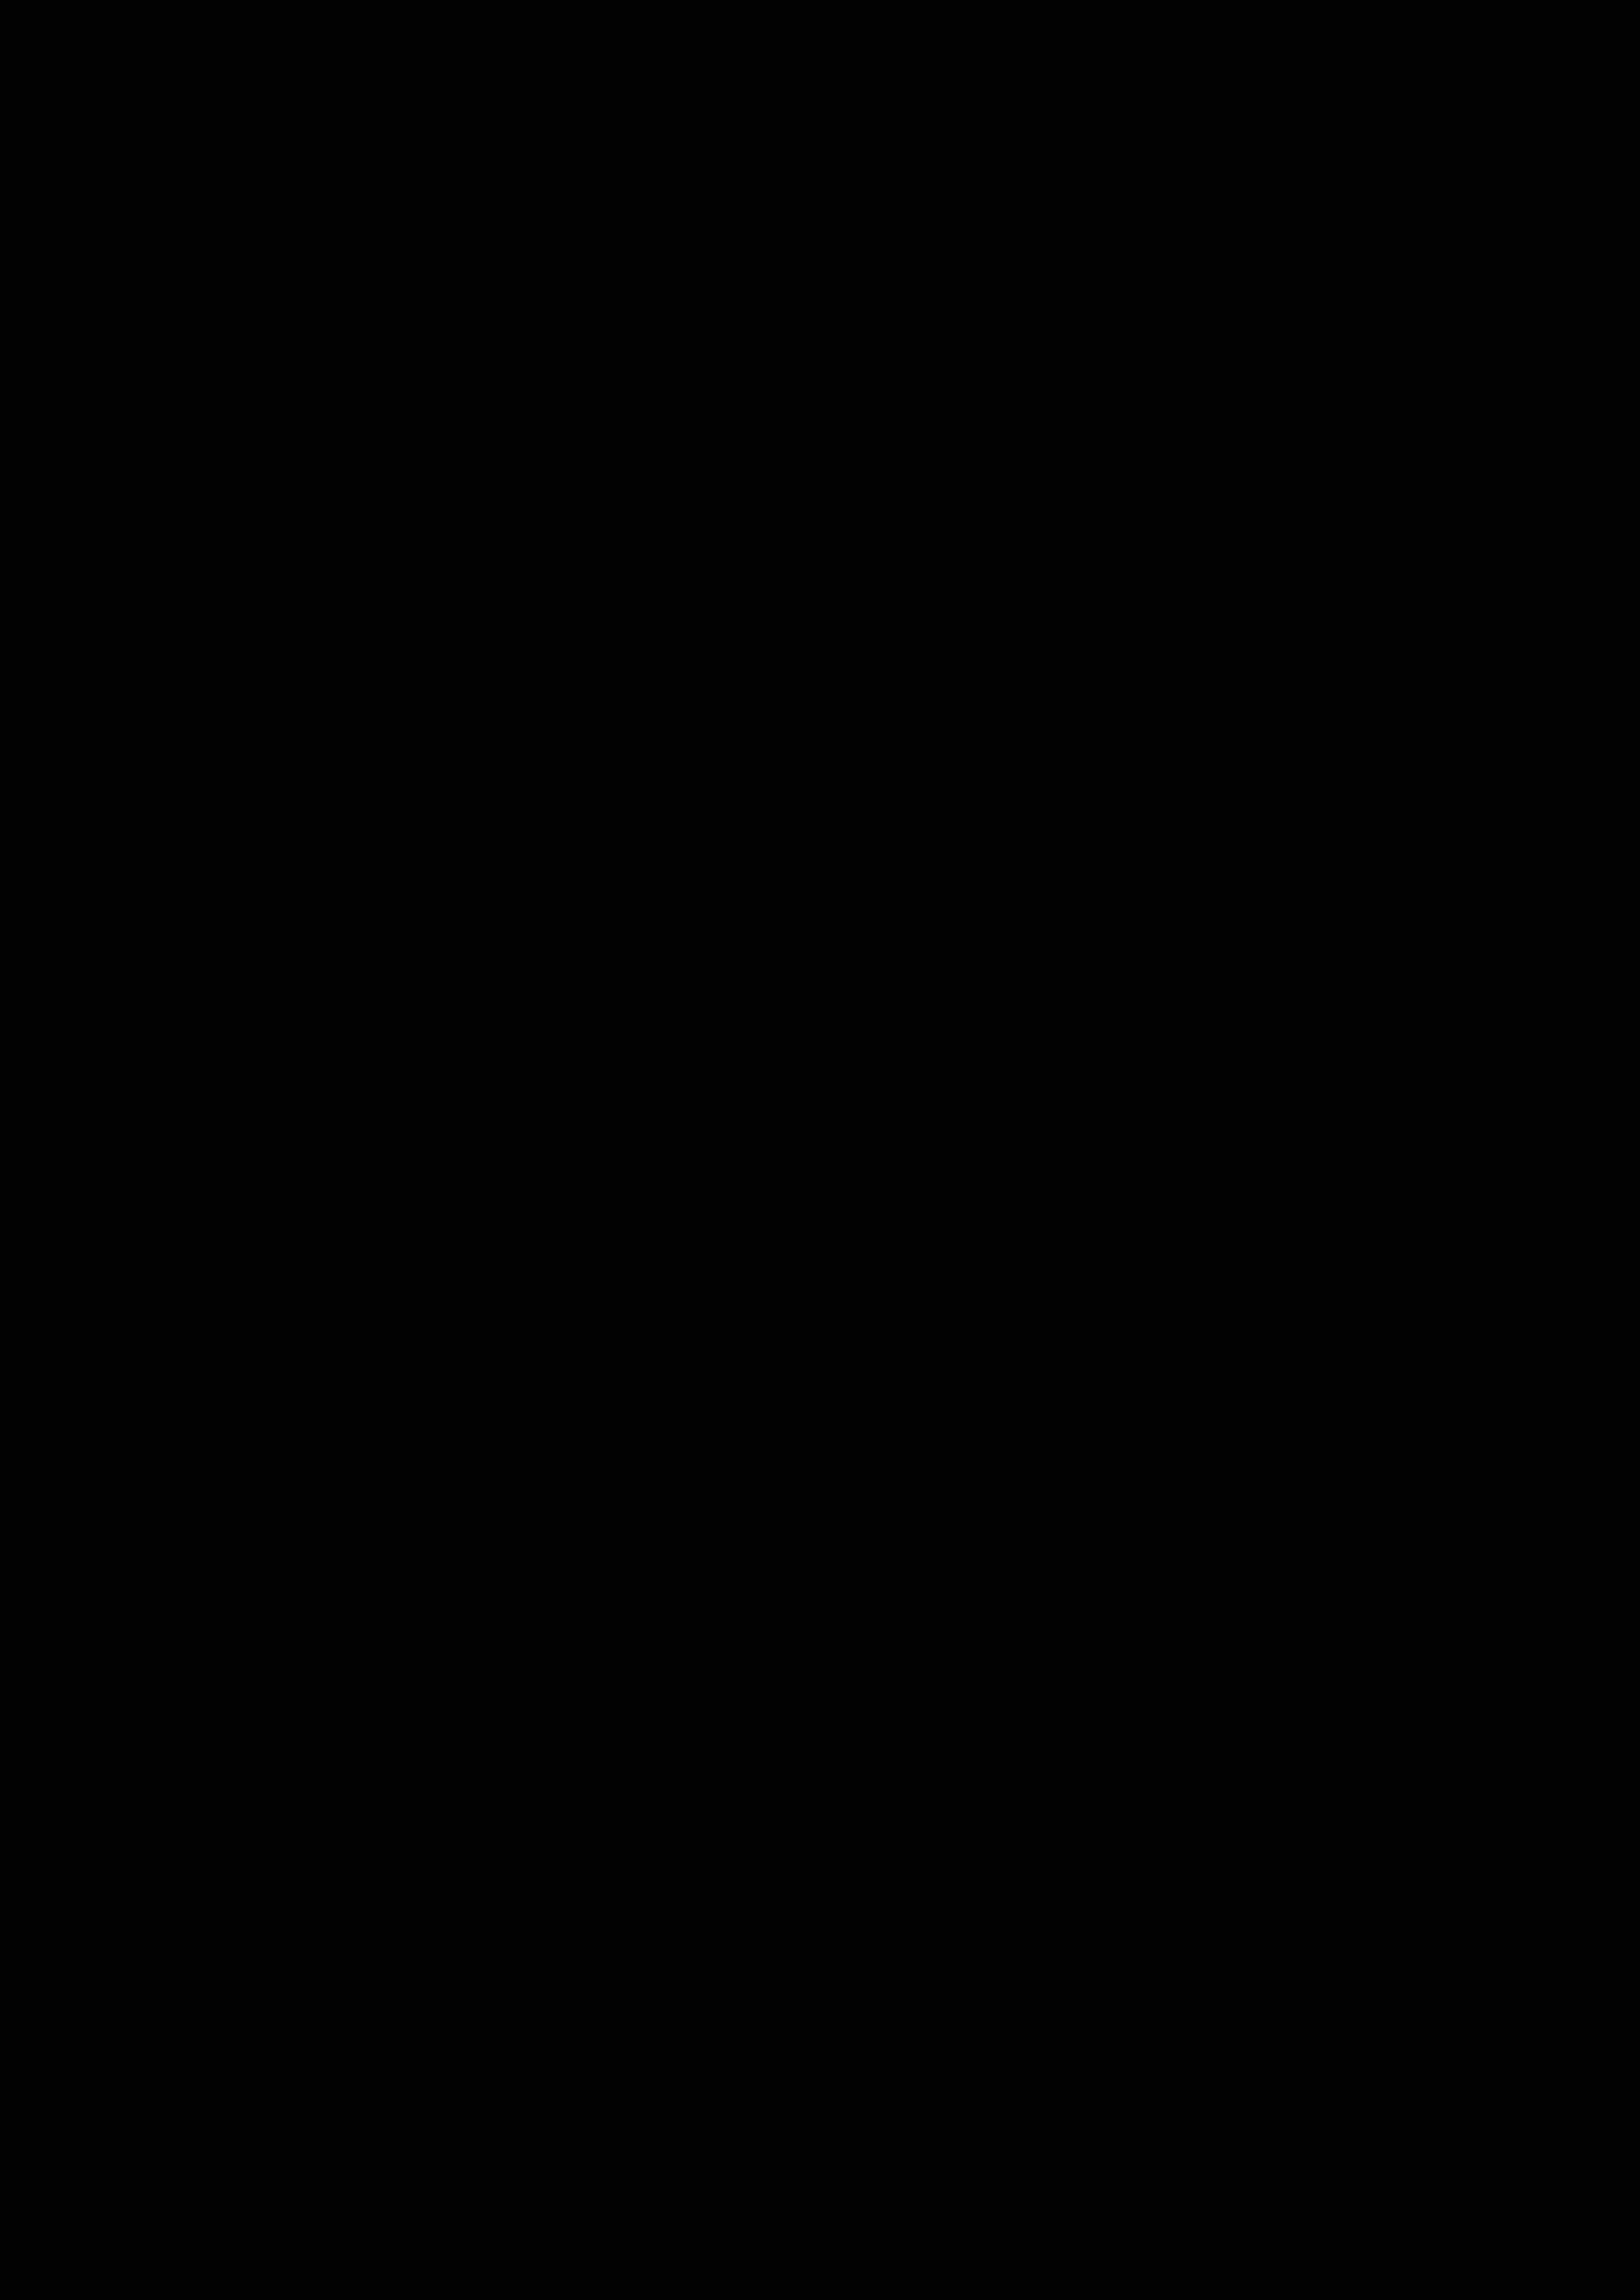 Curso de Karate IOSTK